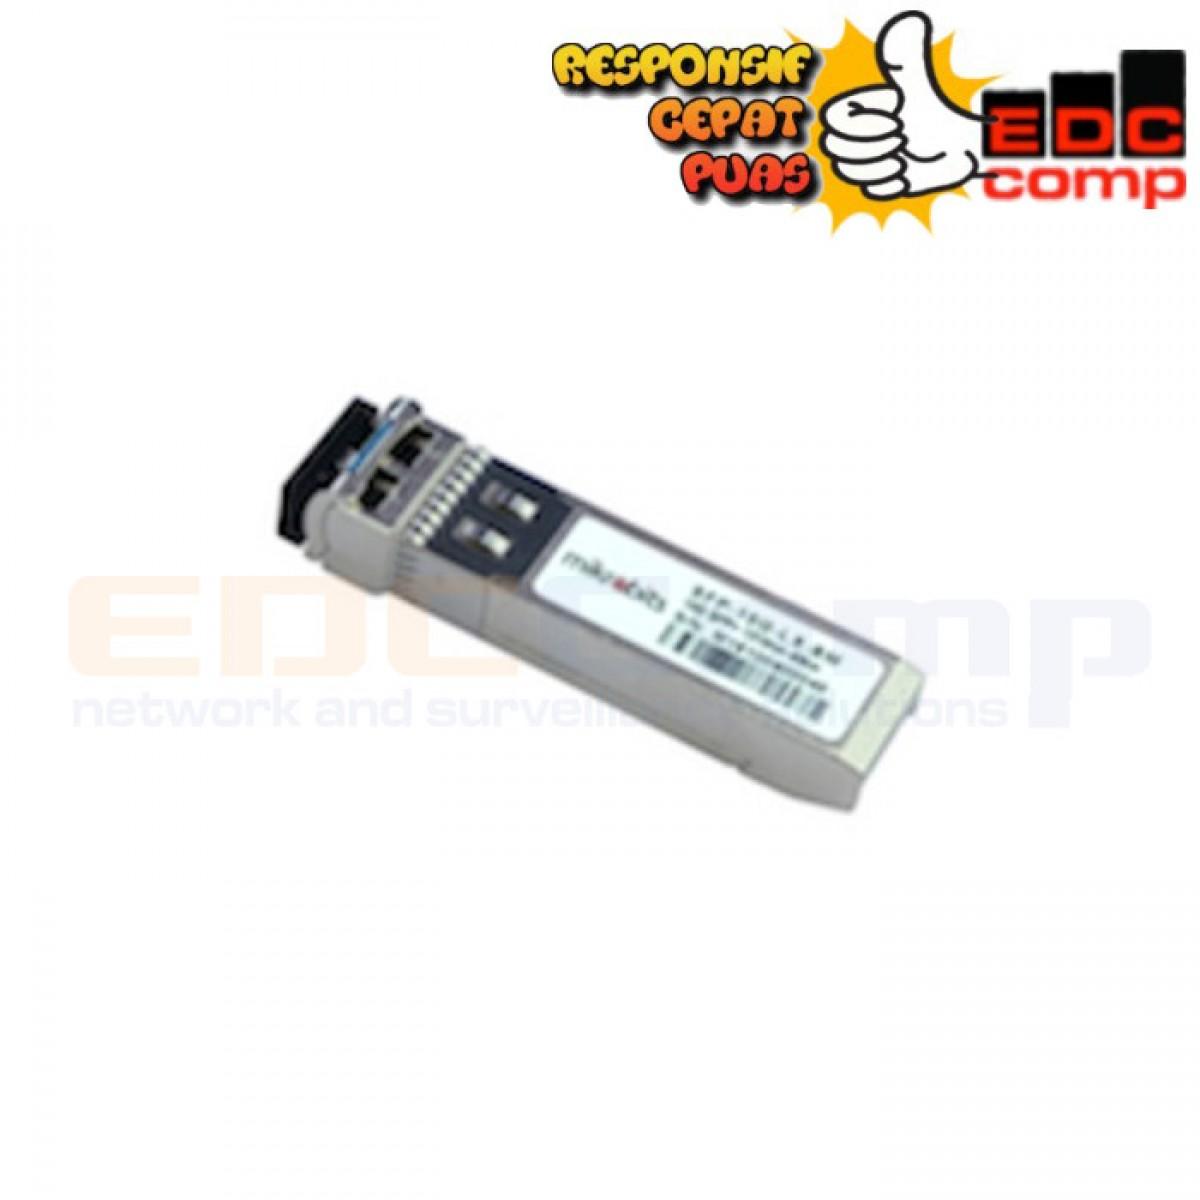 Mikrobits SFP Transceiver SFP-10G-LX-SM - EdcComp